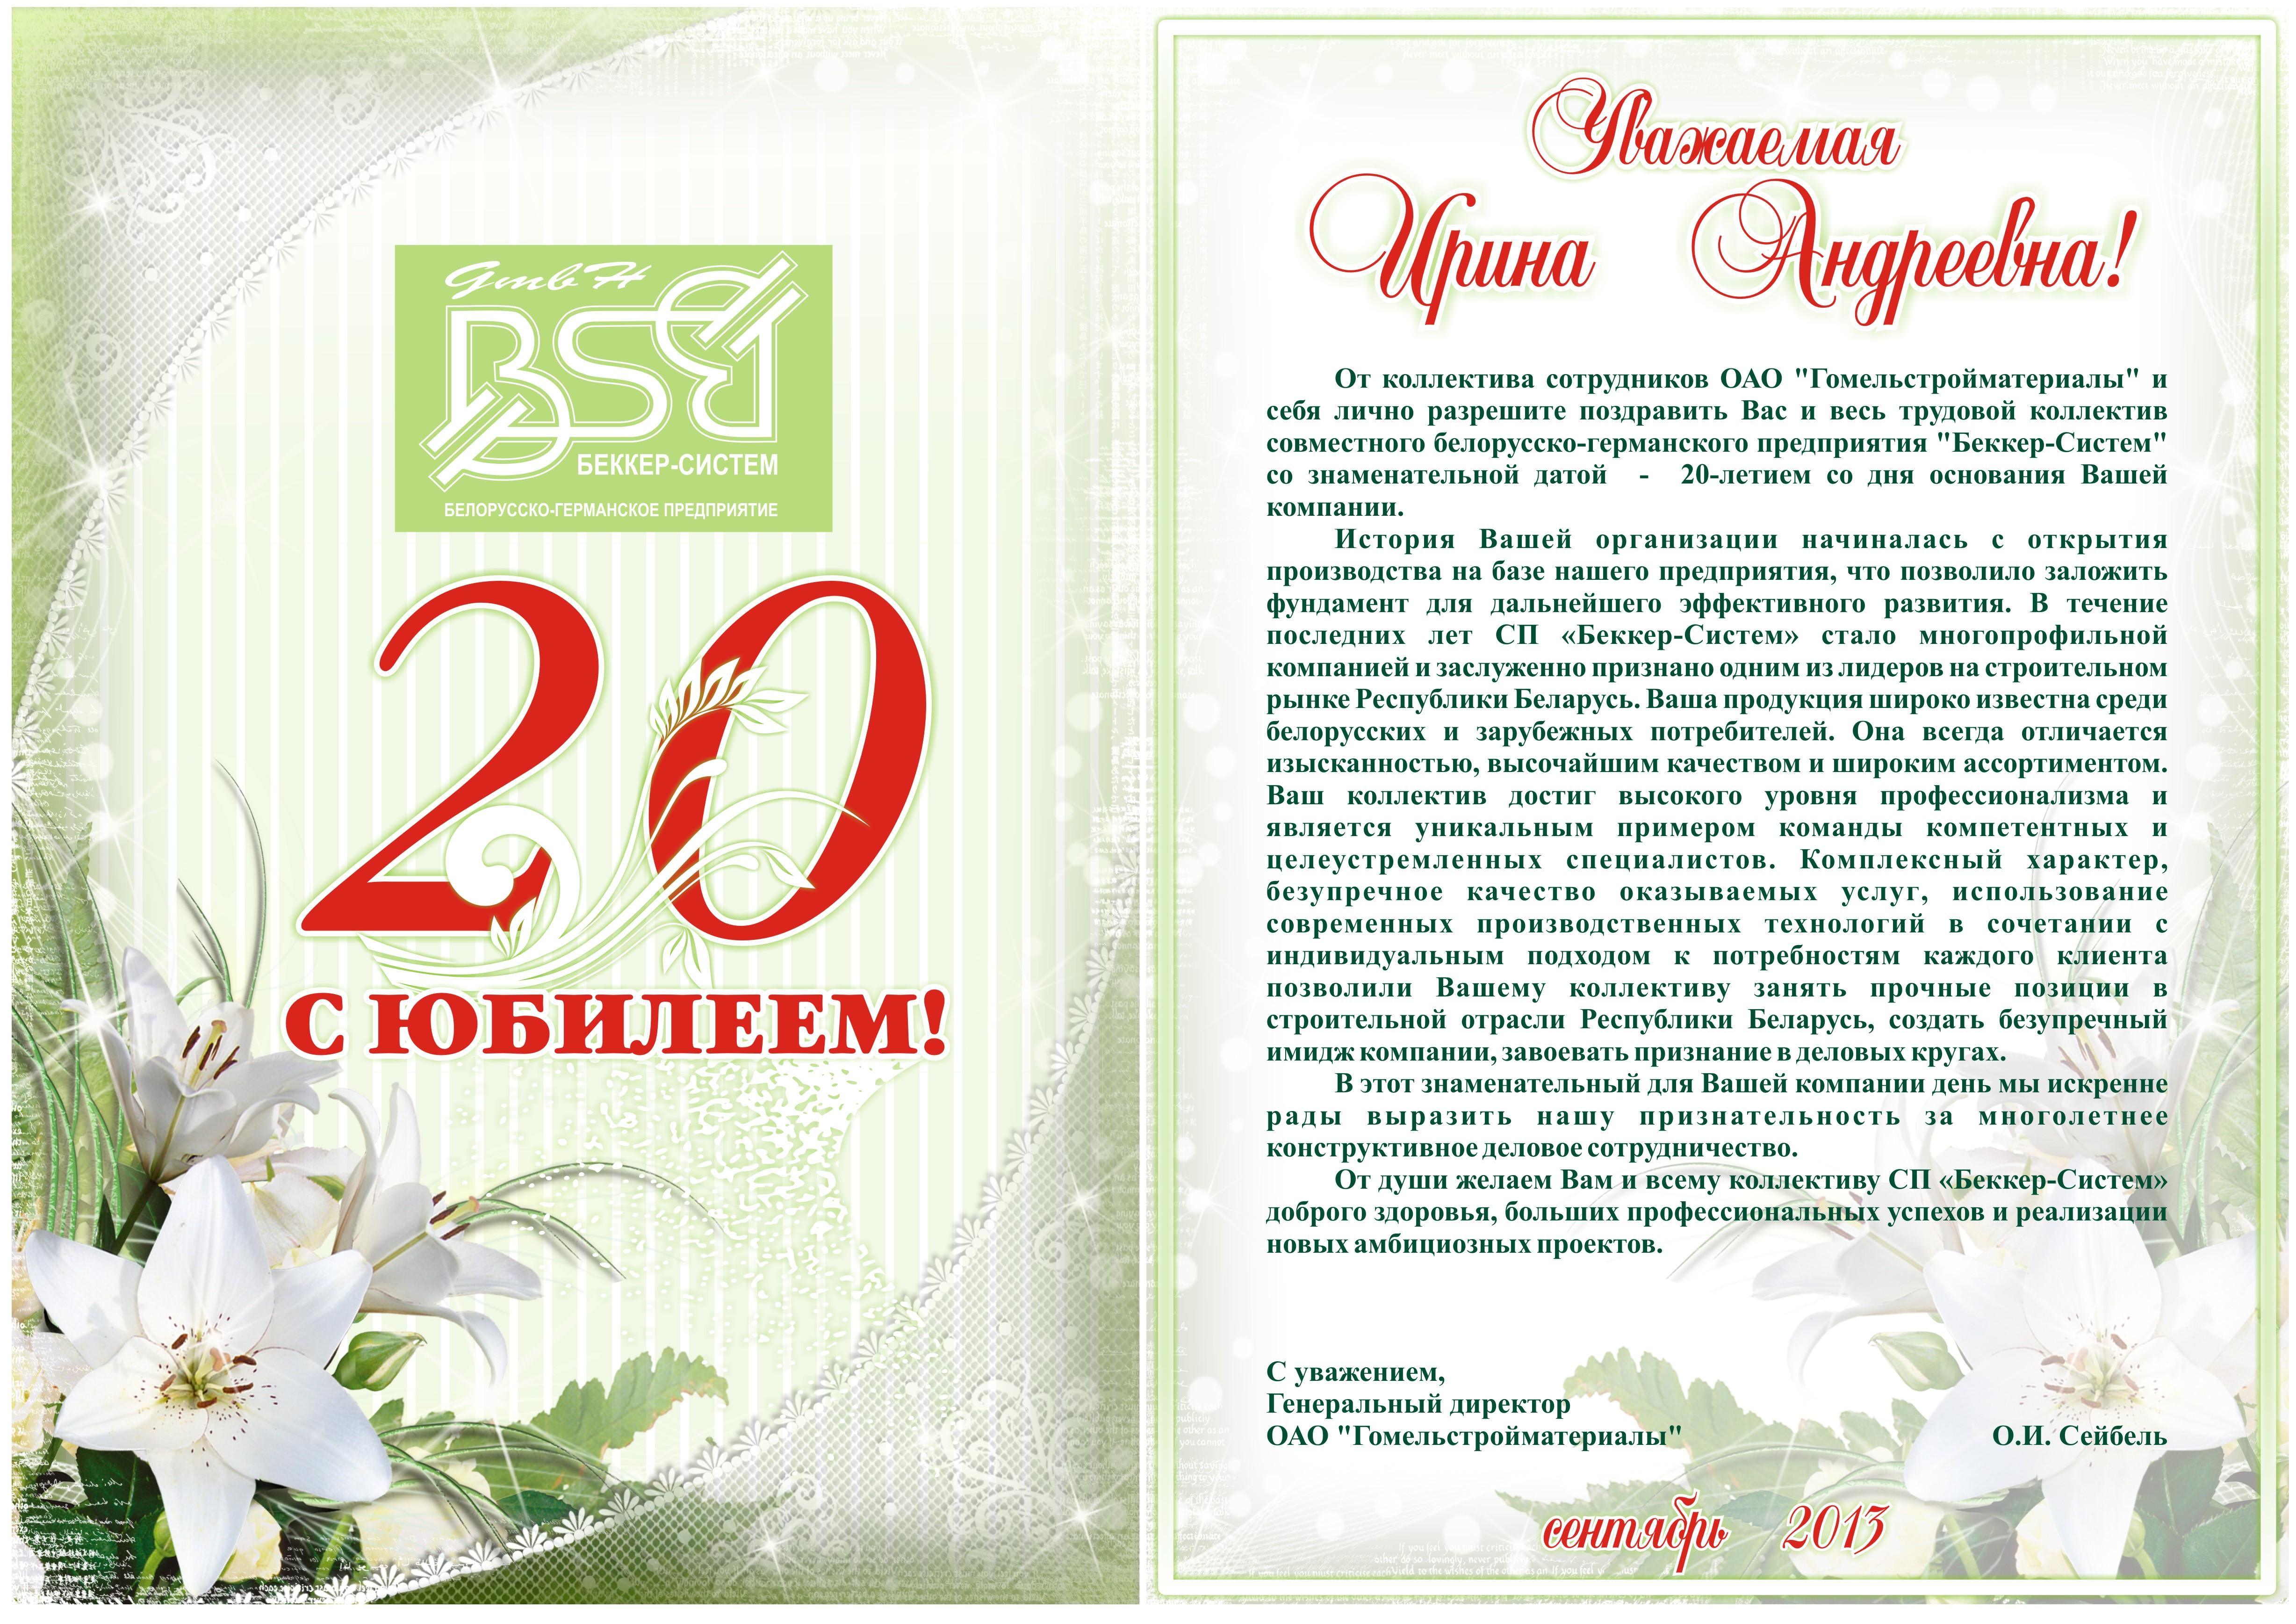 Поздравление юбиляру от предприятия